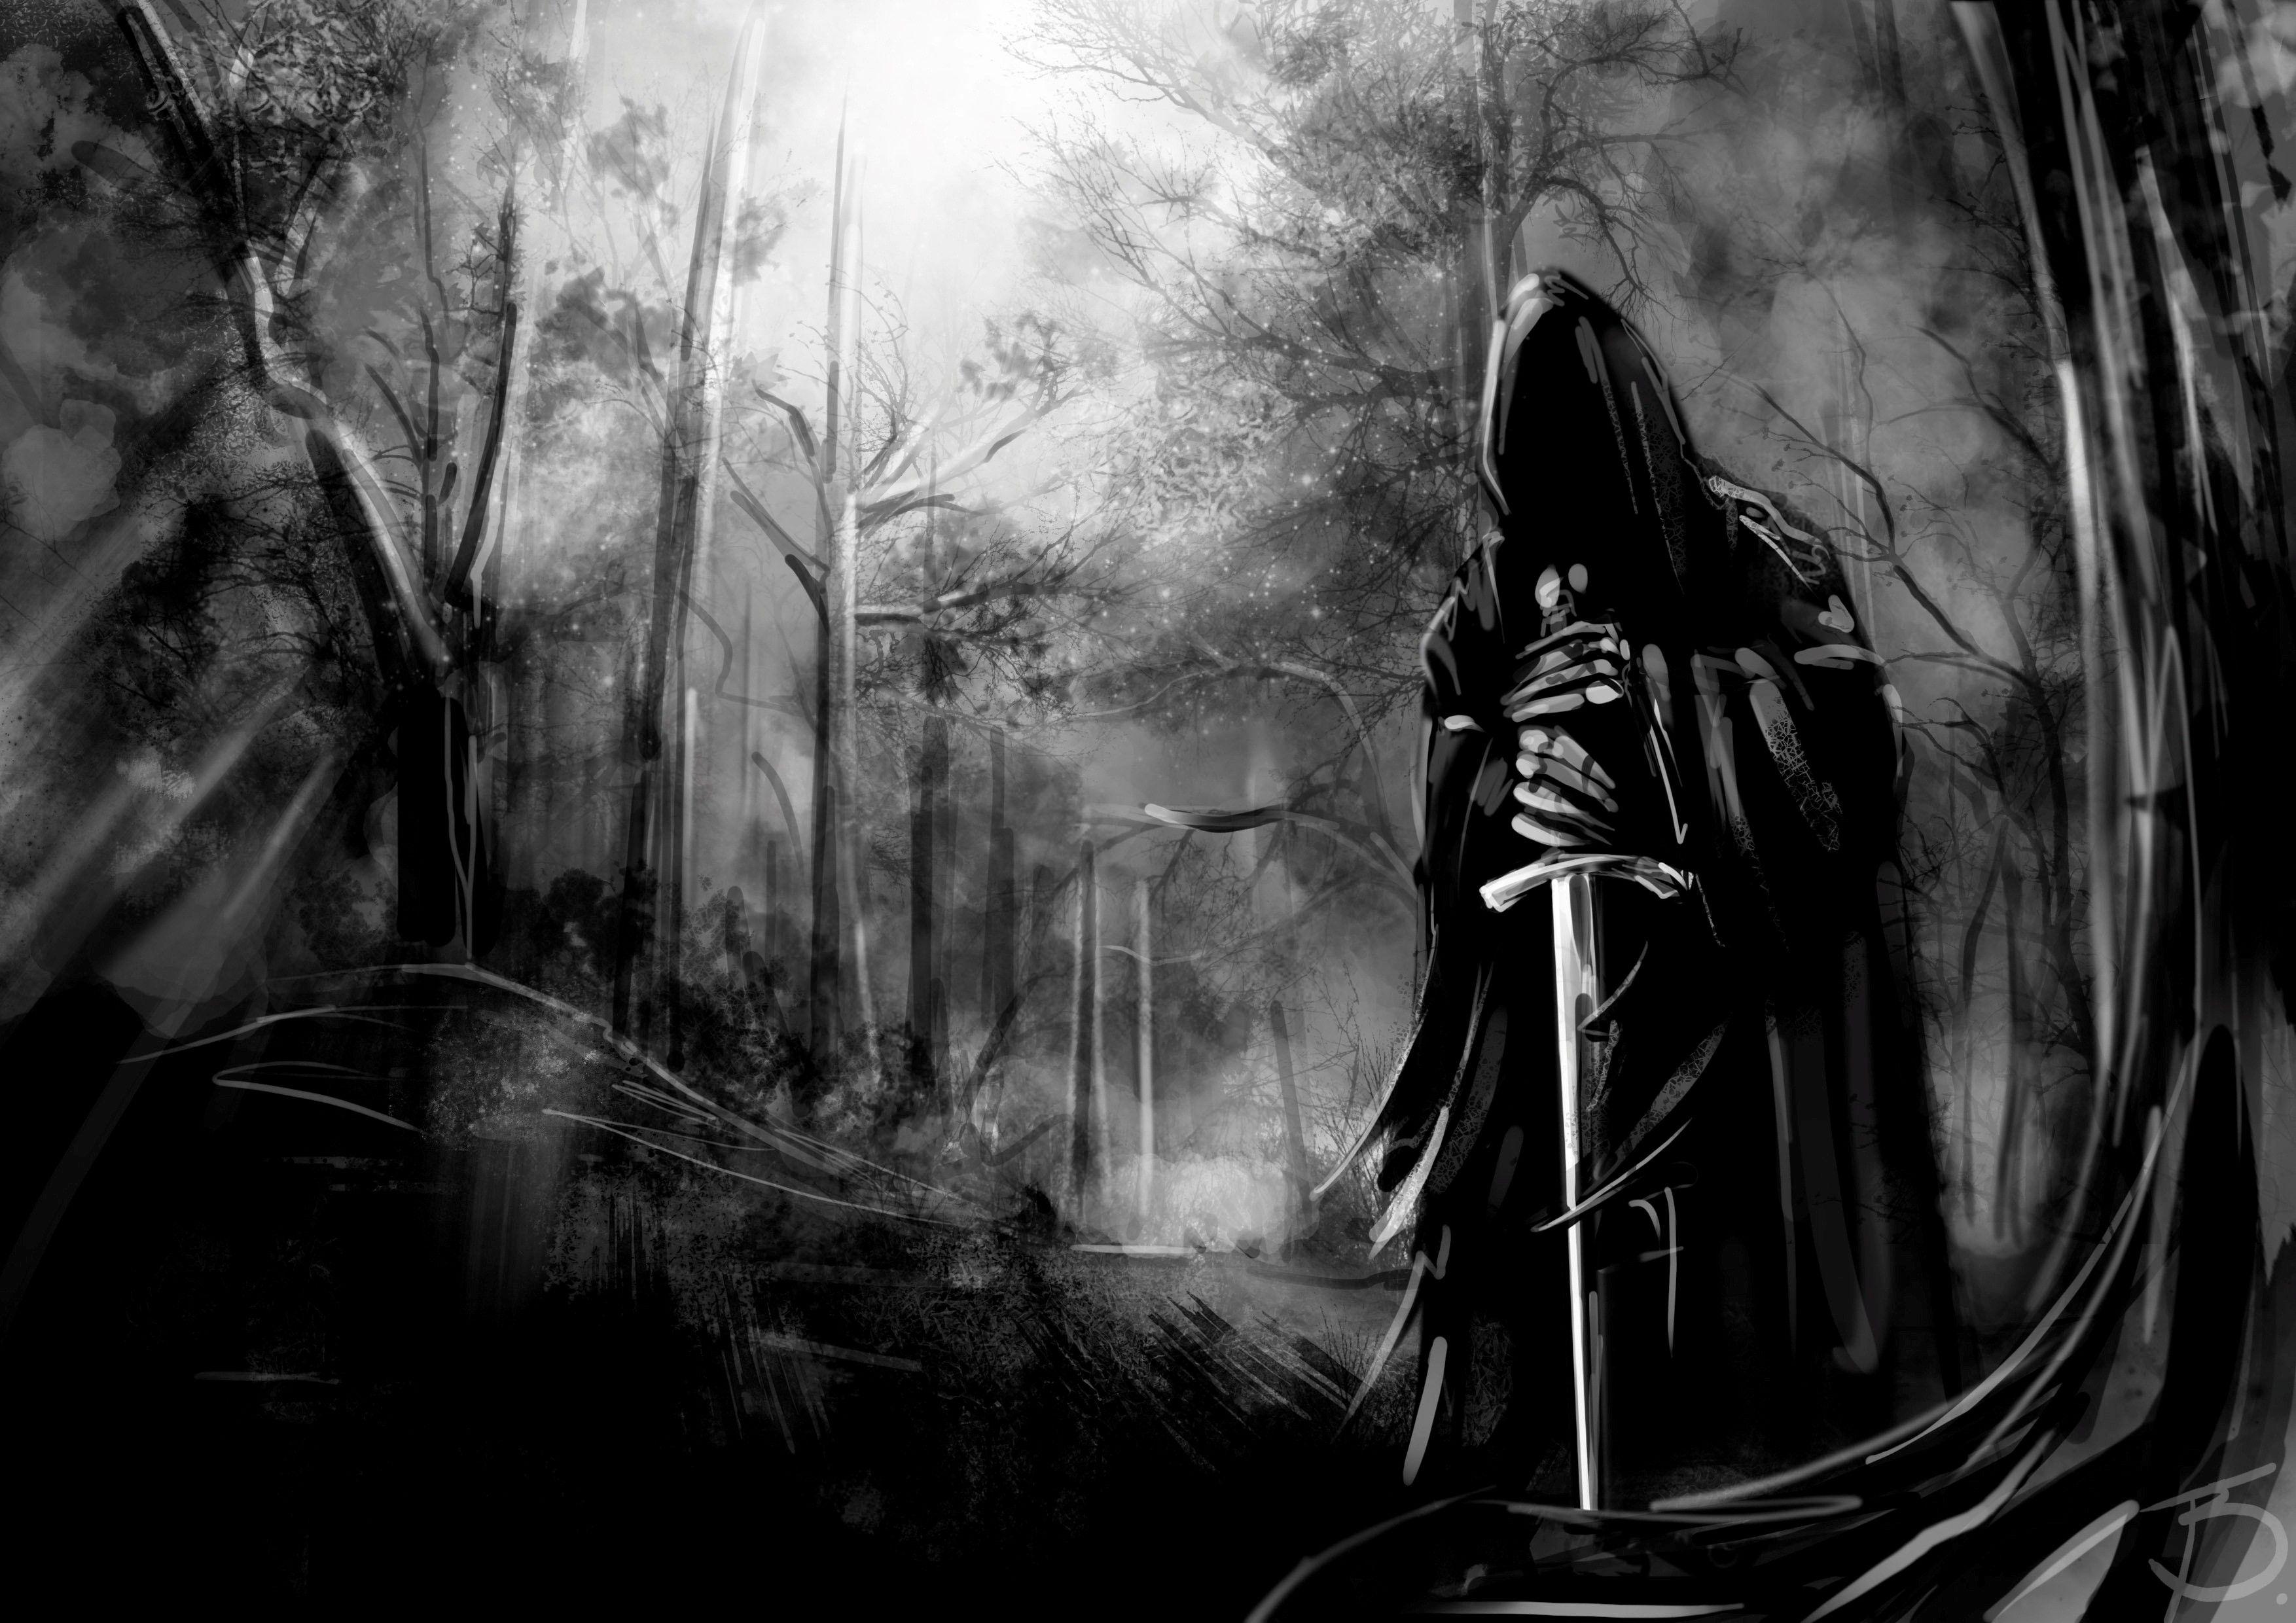 evil demond Evil Demon Wallpaper Evil with sword in dark